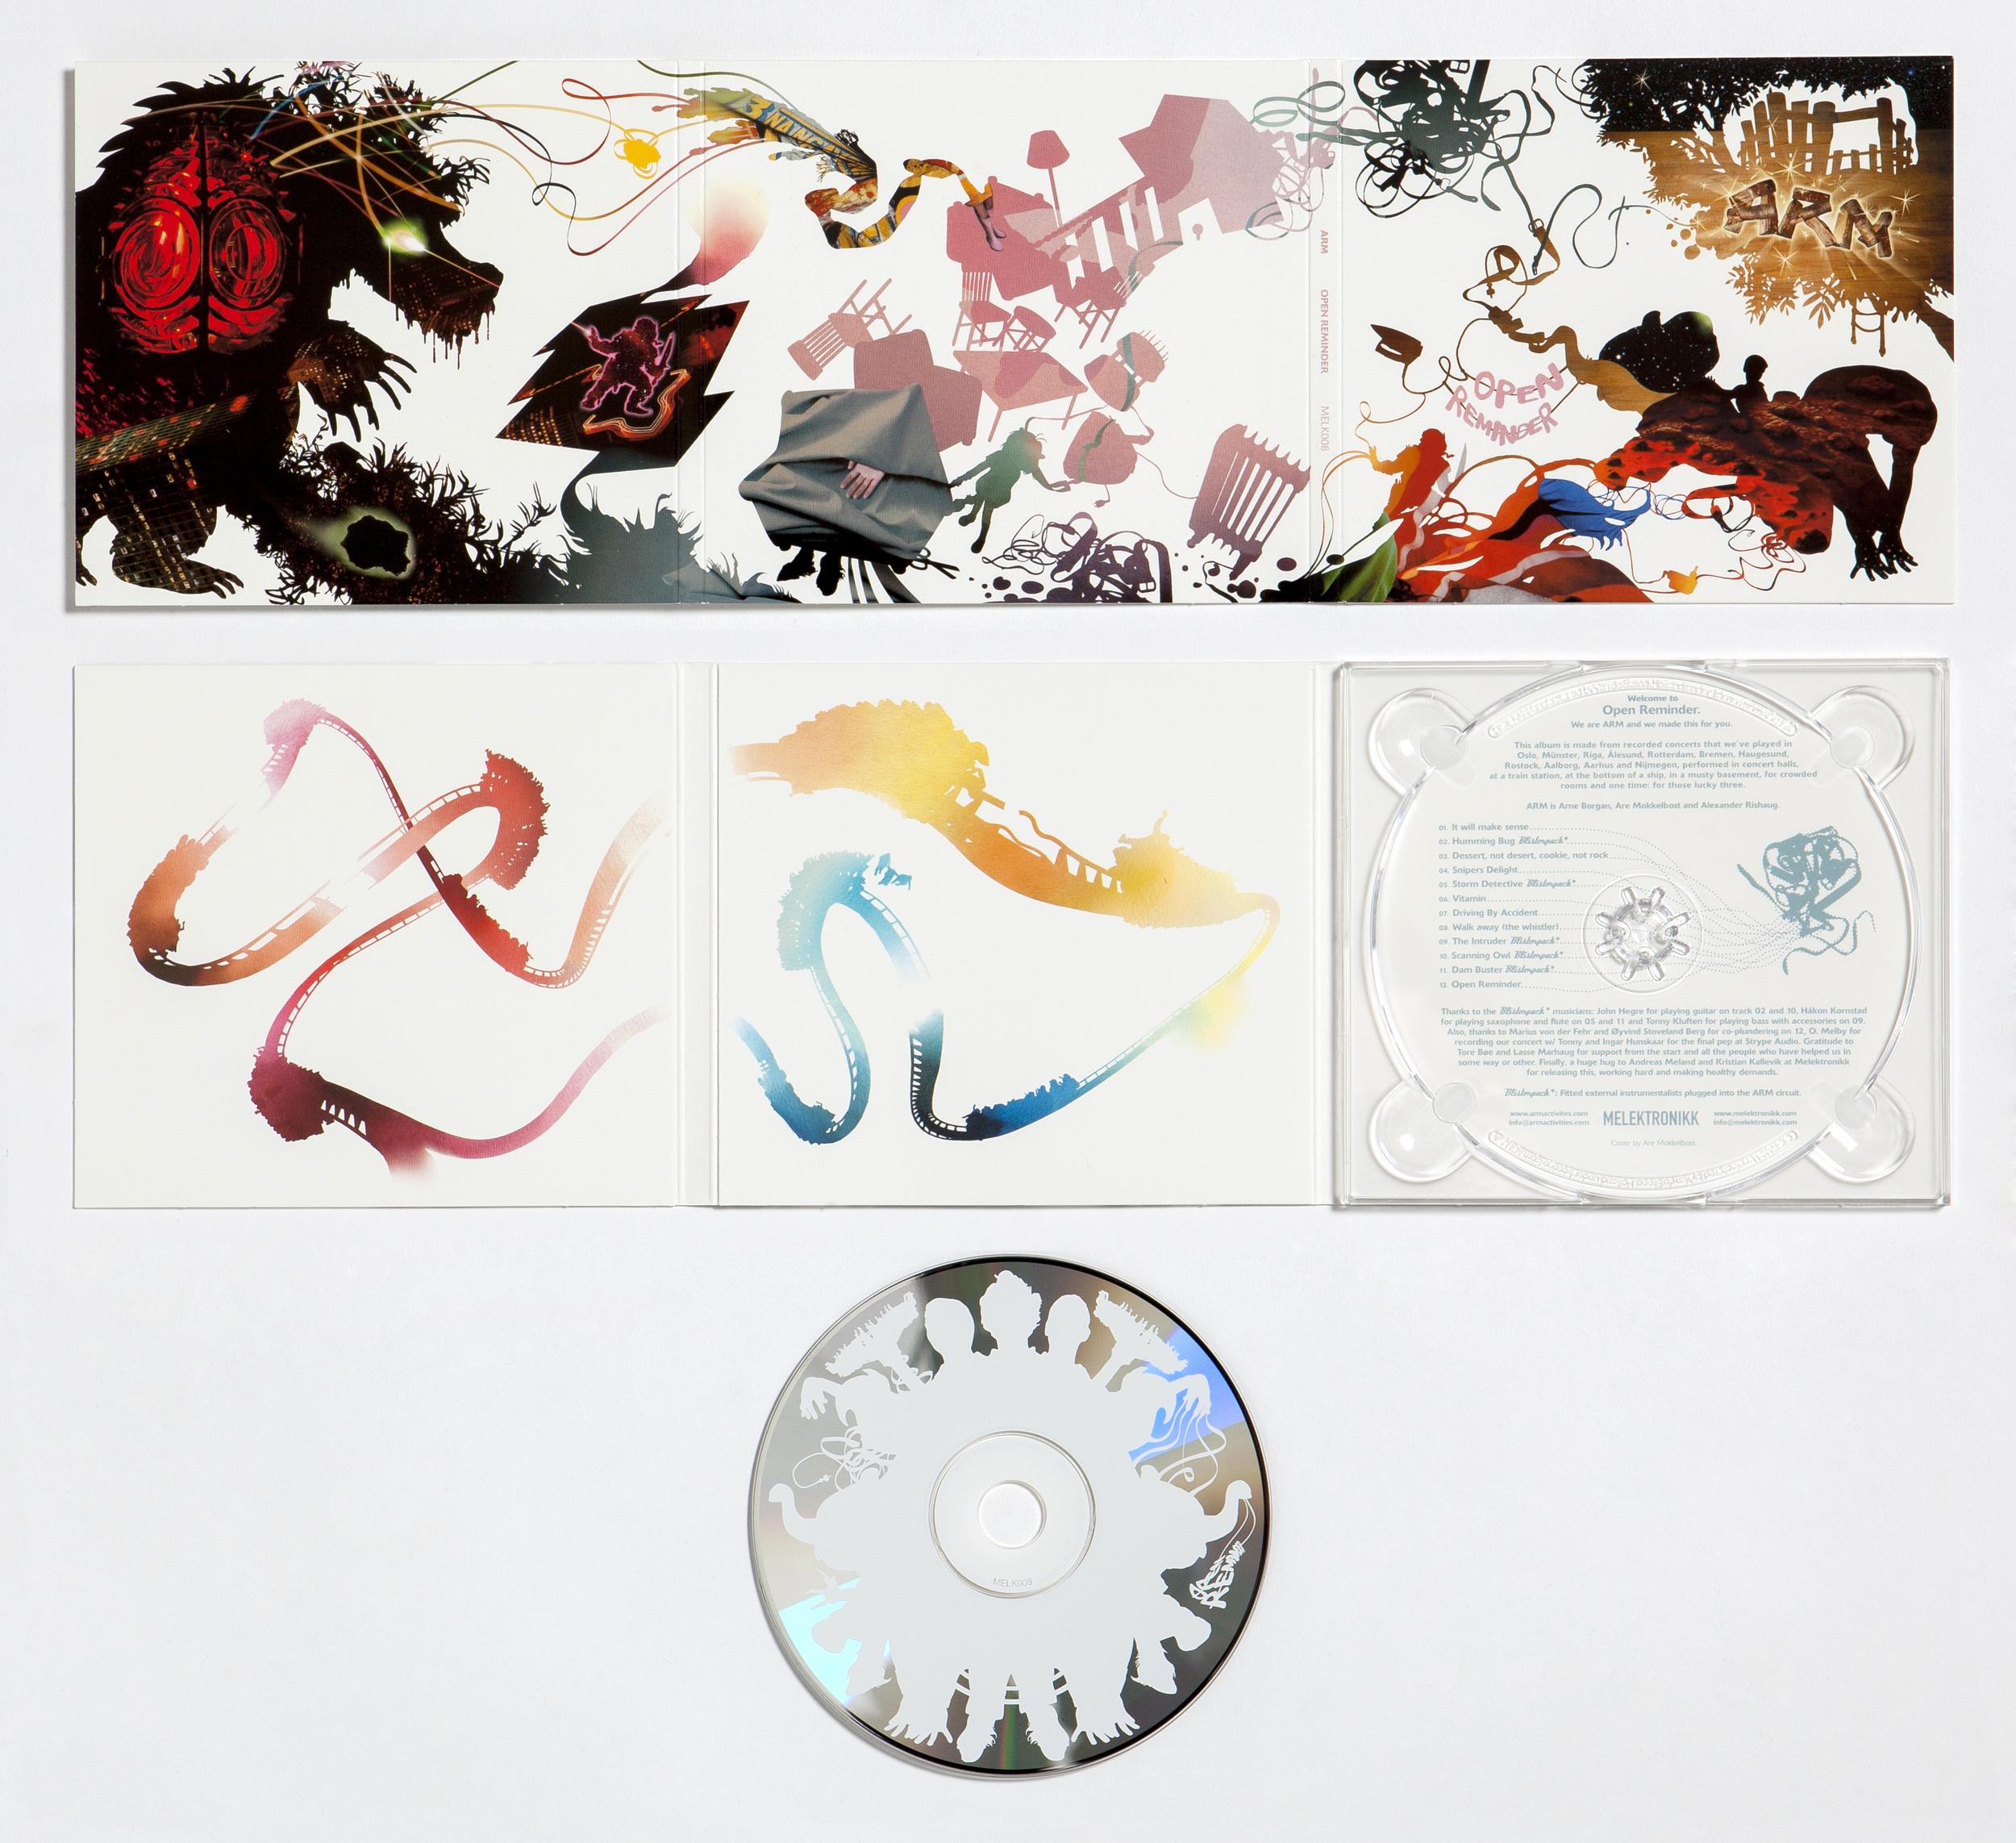 Open Reminder  CD cover design. Released by Melektronikk, 2004.